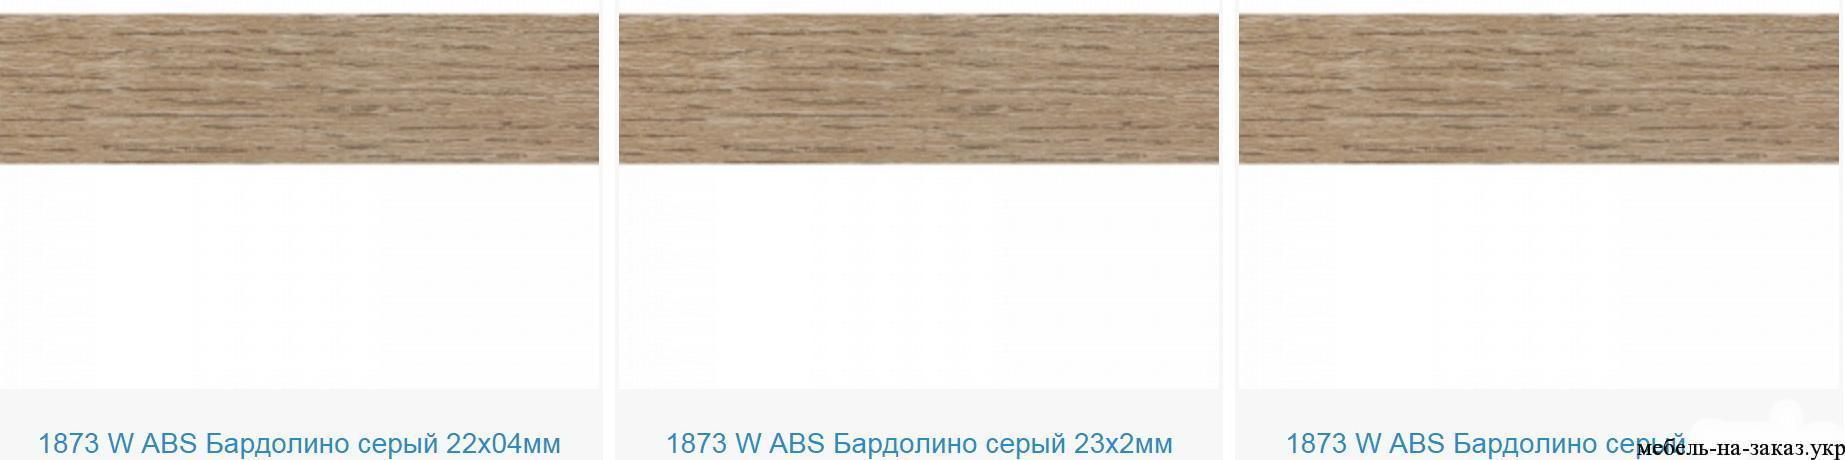 мебельной кромки Рехау для мебели кухонной в Киеве